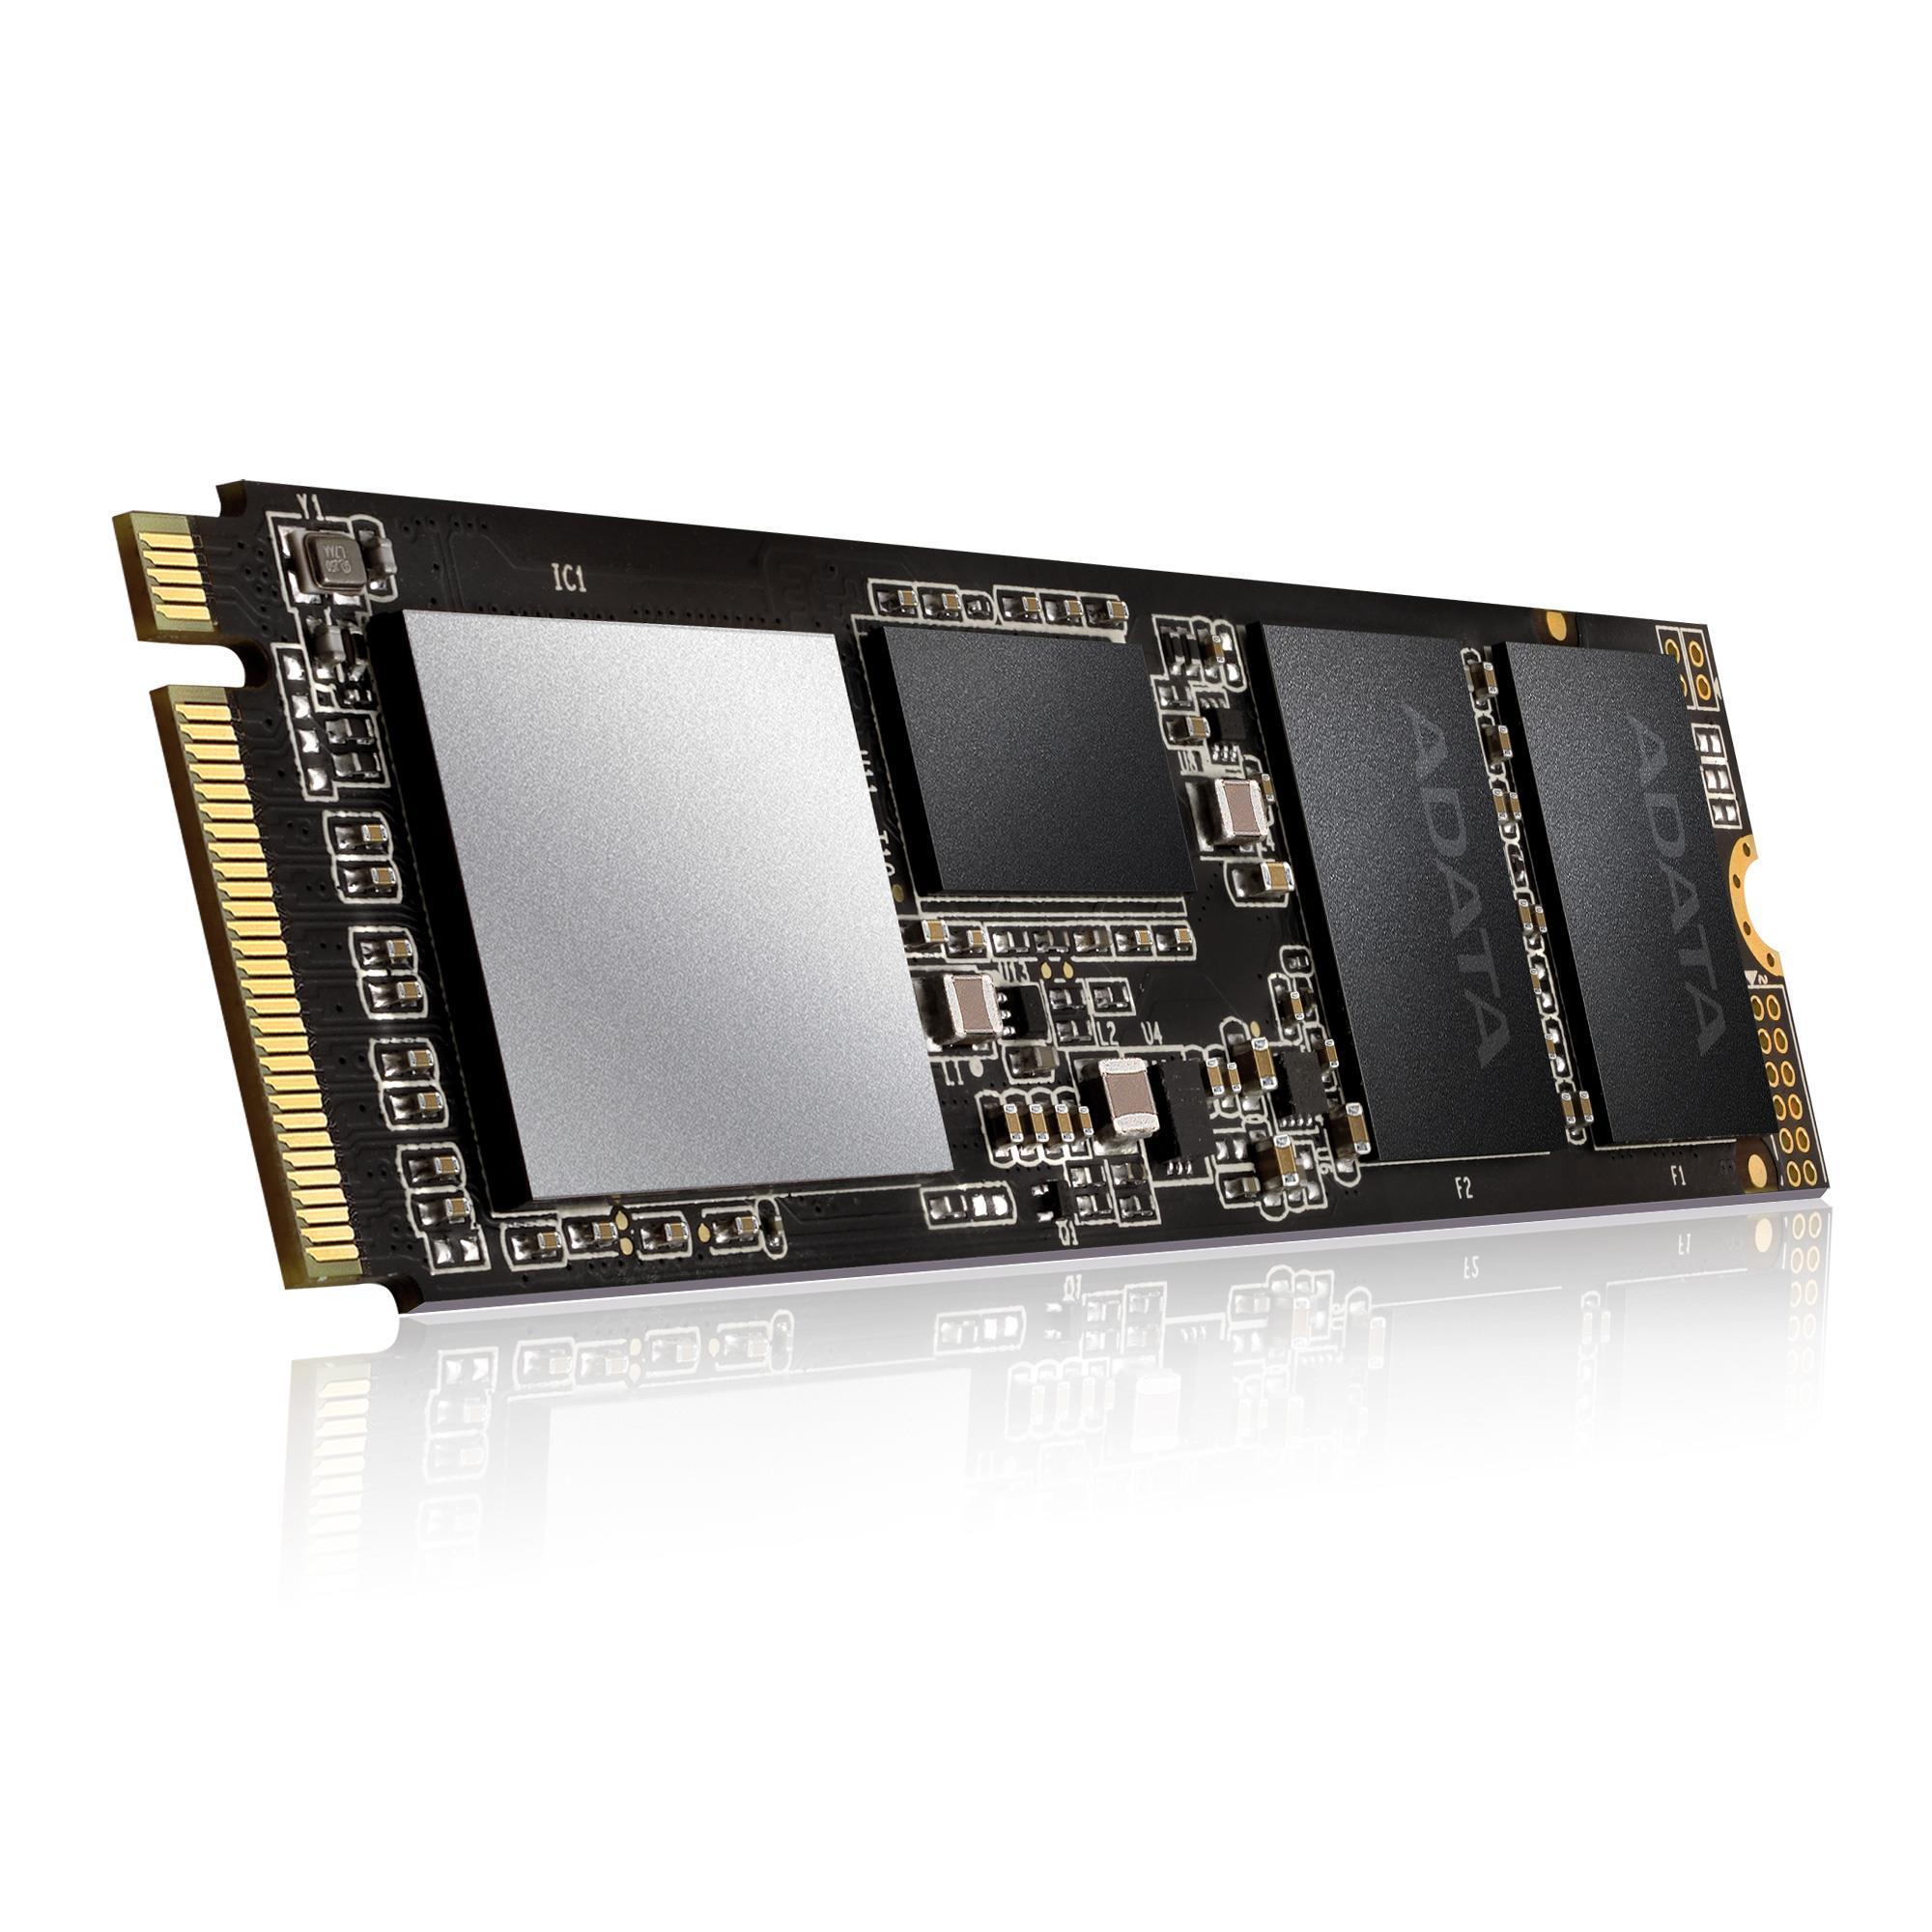 Adata XPG SX8200 PRO SSD 512GB PCIe Gen3 x 4 M.2 2280, R/W 3500/2300 MB/s SSD disks